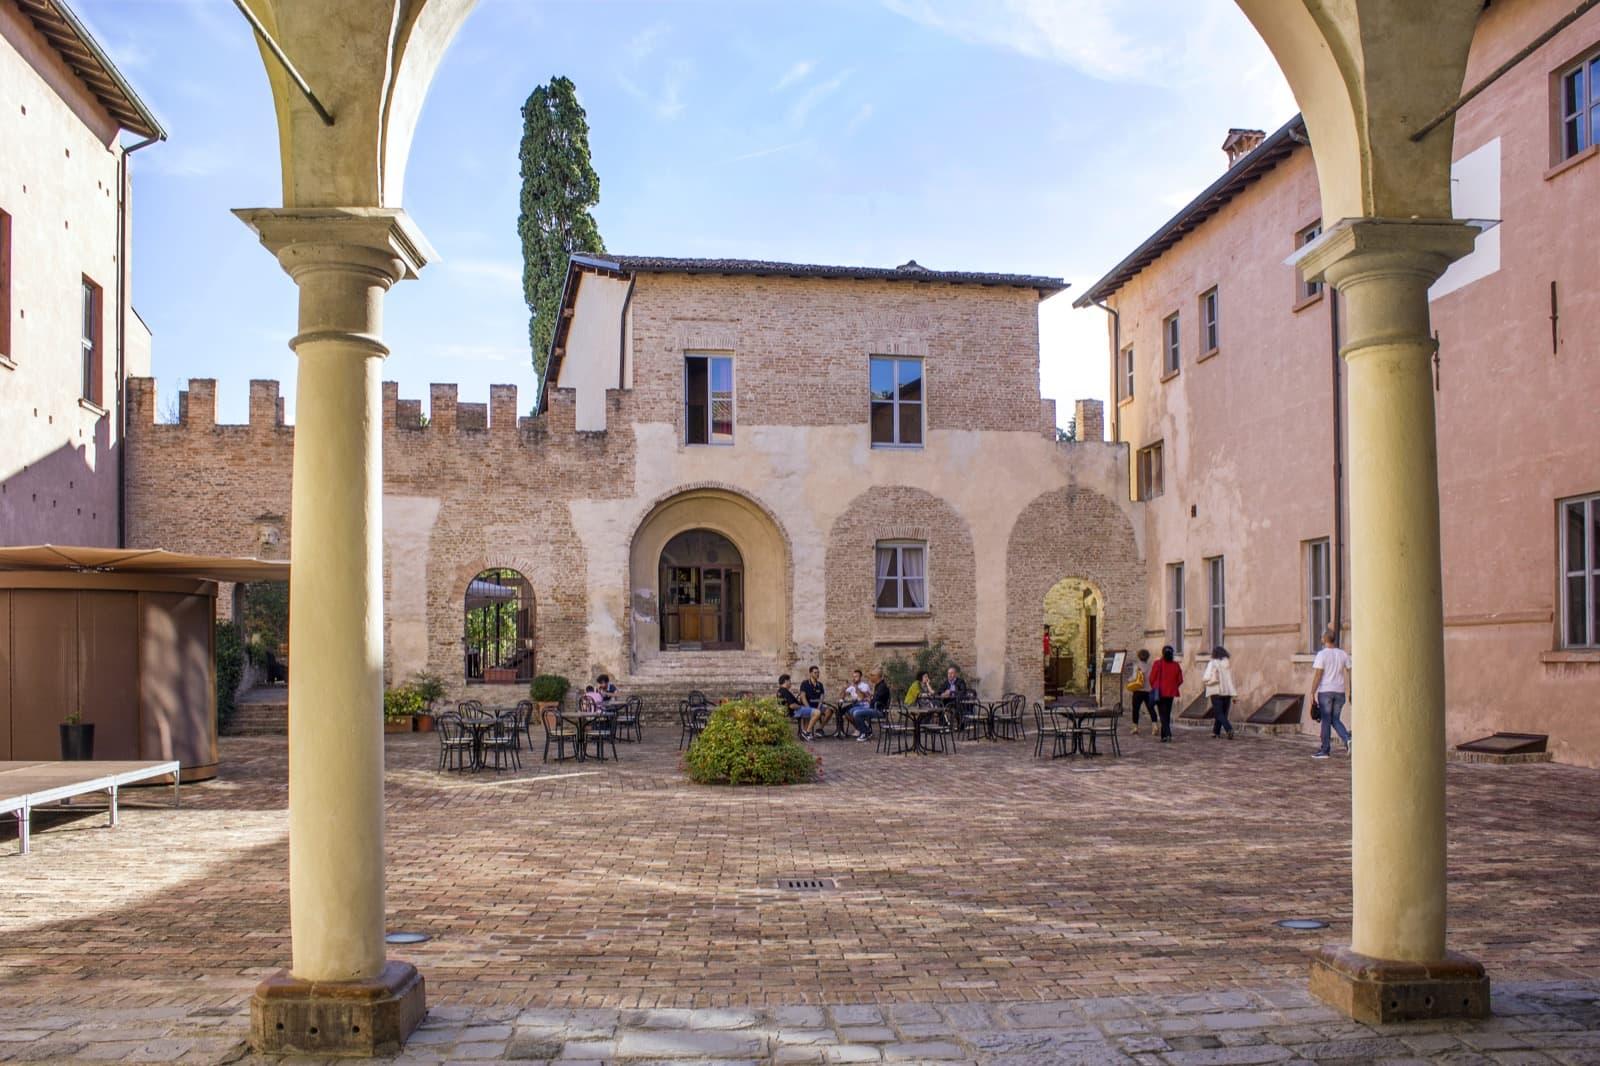 Castello di Spezzano Ph. ovikovi via Wikipedia